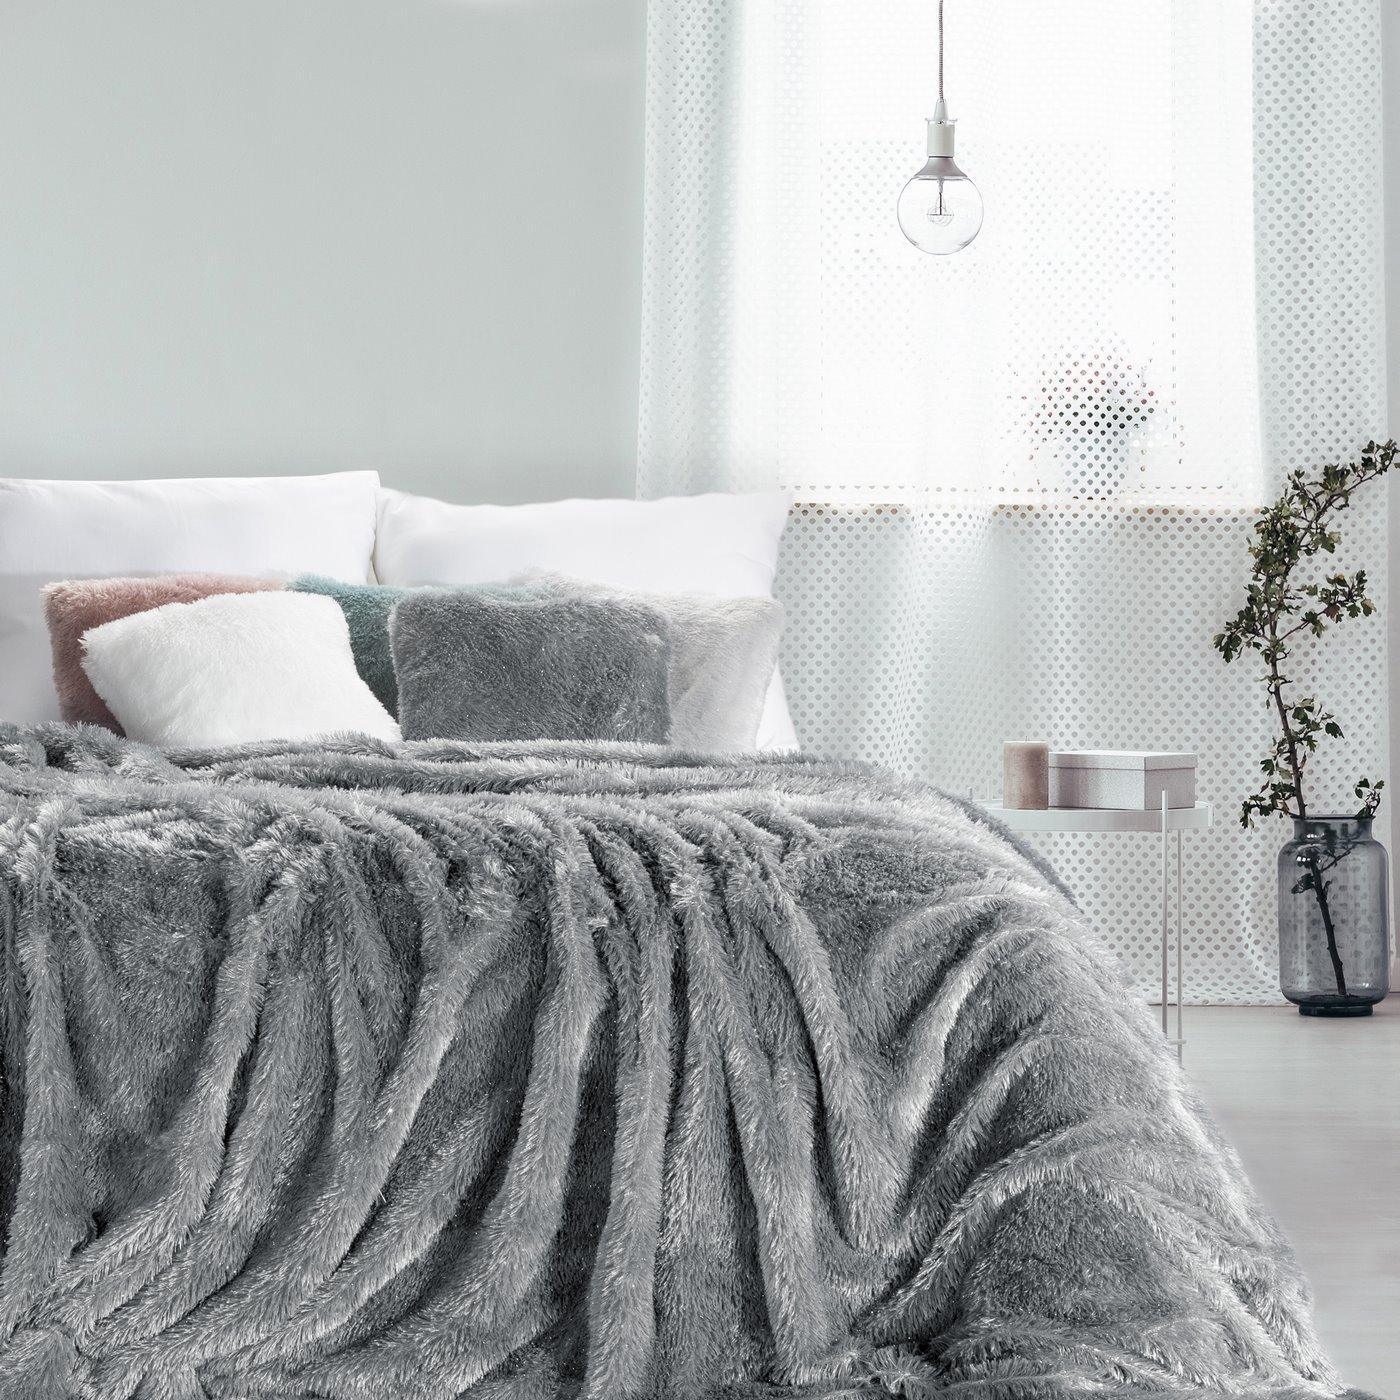 Stalowy koc futerkowy Tiffany ze srebrną nicią 150x200 cm Design91